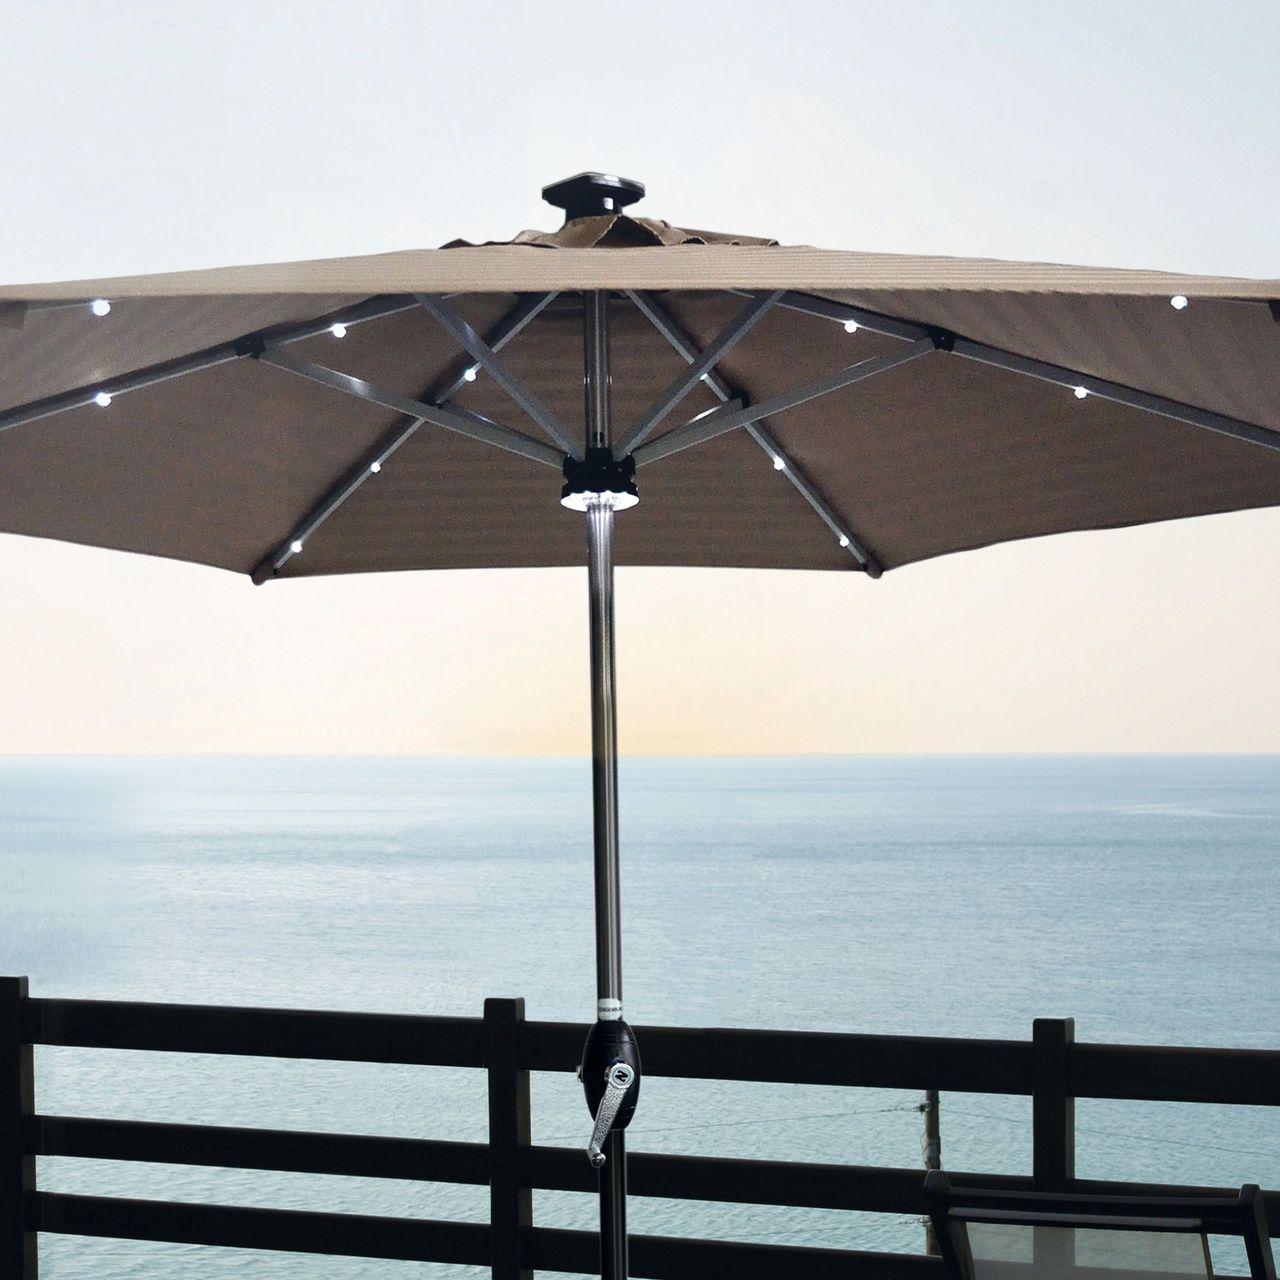 Romantischer Sonnenschirm Mit Led Beleuchtung Sternenhimmel Sonnenschirm Solarbeleuchtung Schirm